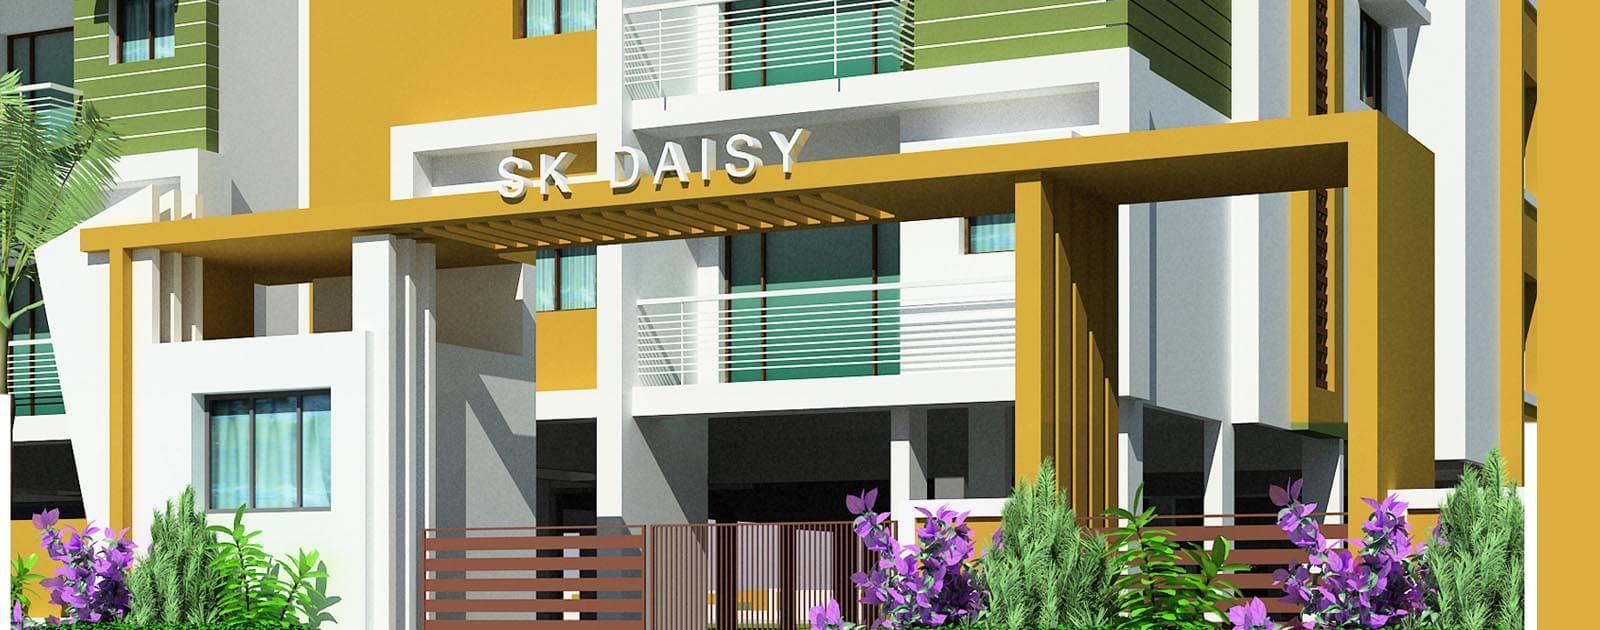 SK Daisy Electronic City Phase 1 Bangalore 12628